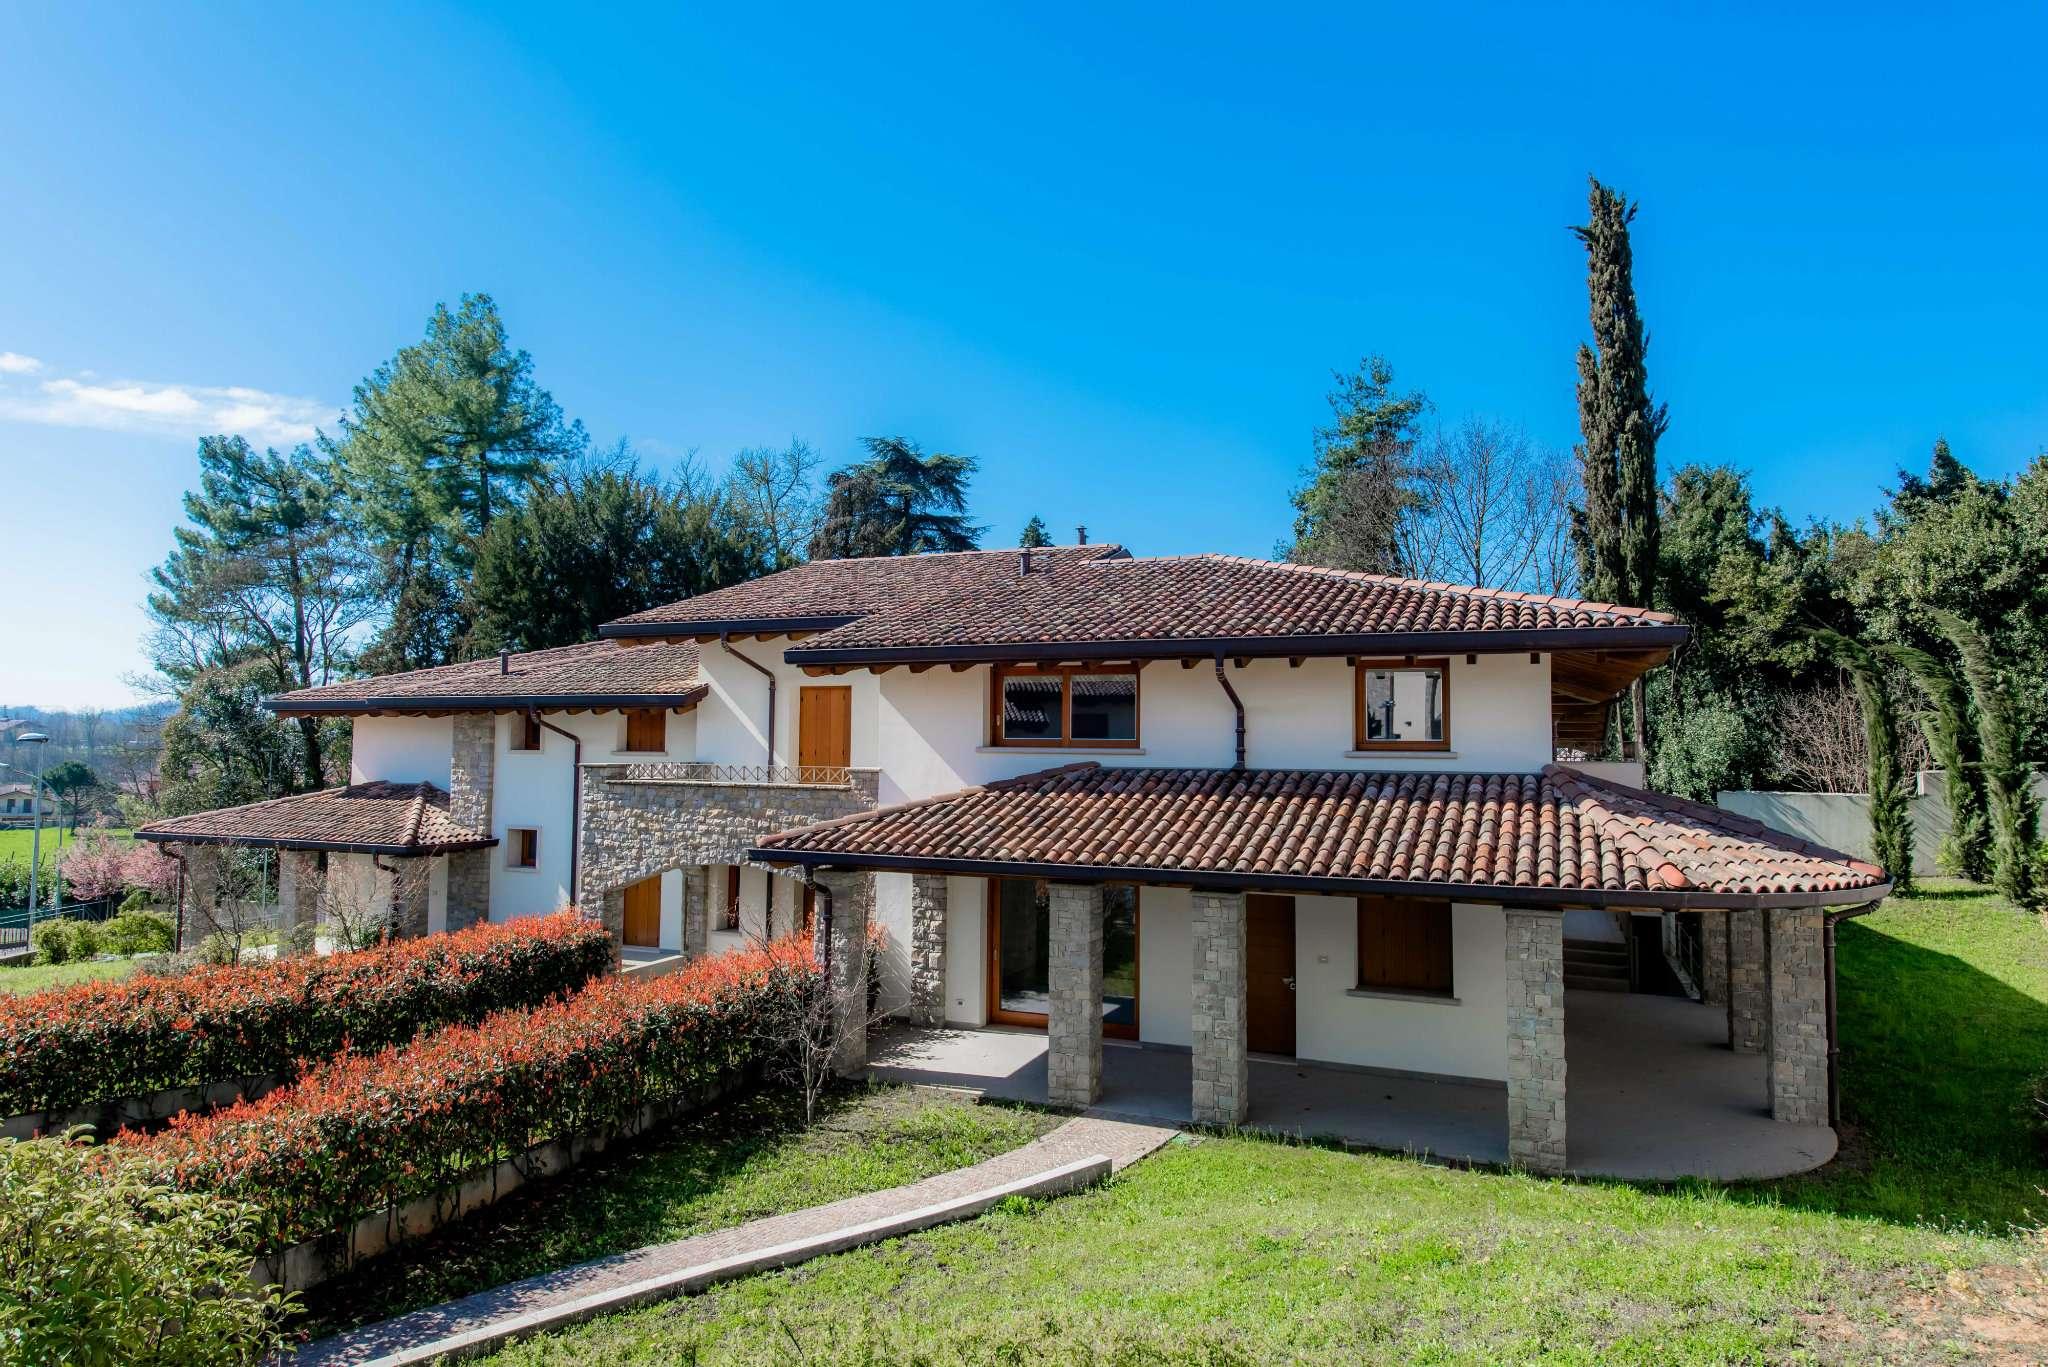 Villa in vendita a Torre de' Roveri, 3 locali, prezzo € 480.000 | CambioCasa.it